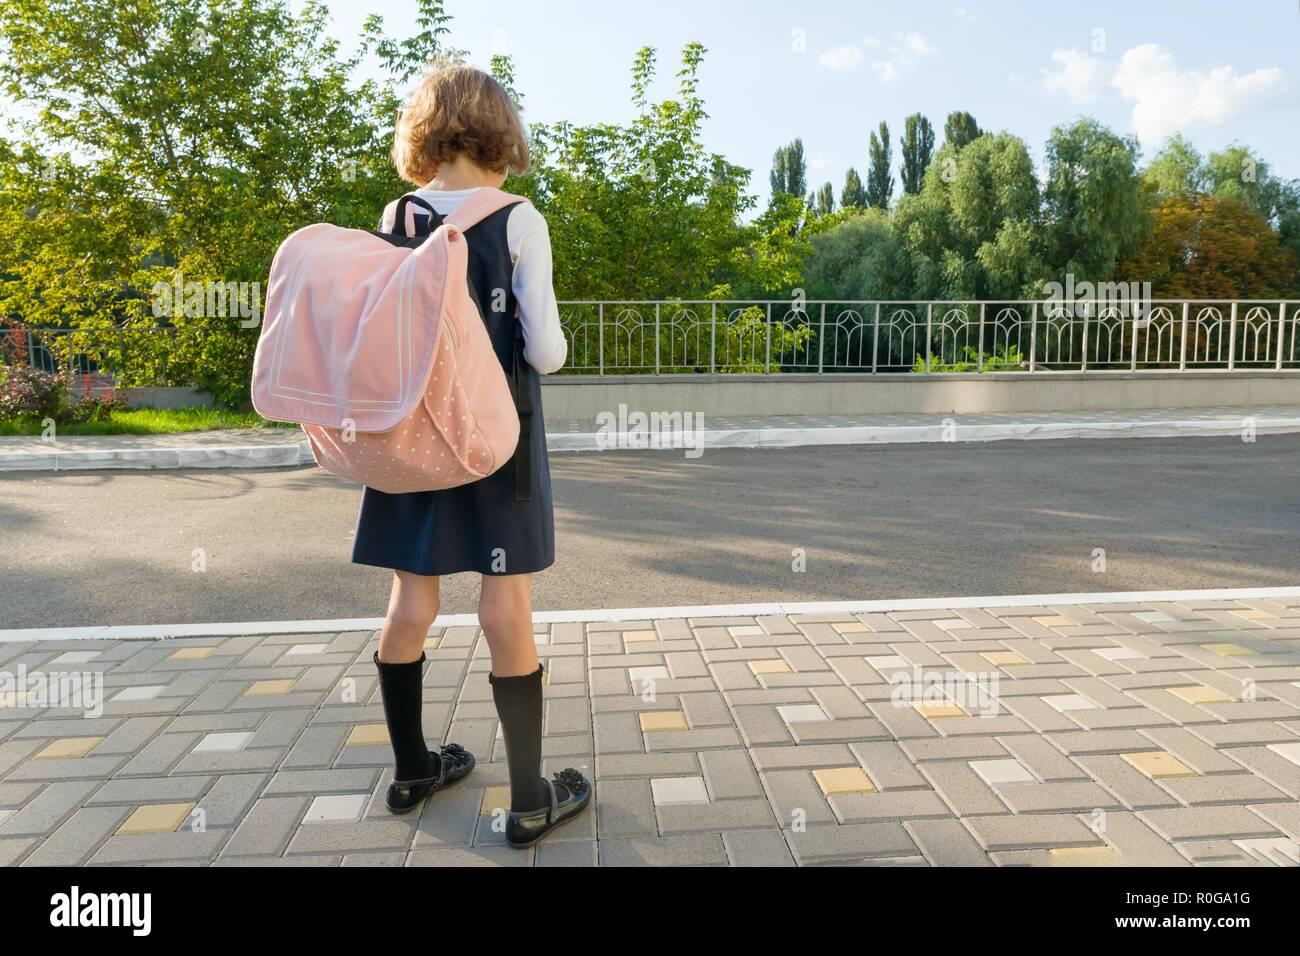 Outdoor Portrait eines kleinen Schüler, Mädchen mit Brille, Uniform mit Rucksack. Schule, Bildung, Wissen und Kinder. Zurück anzeigen, kopieren Raum Stockbild